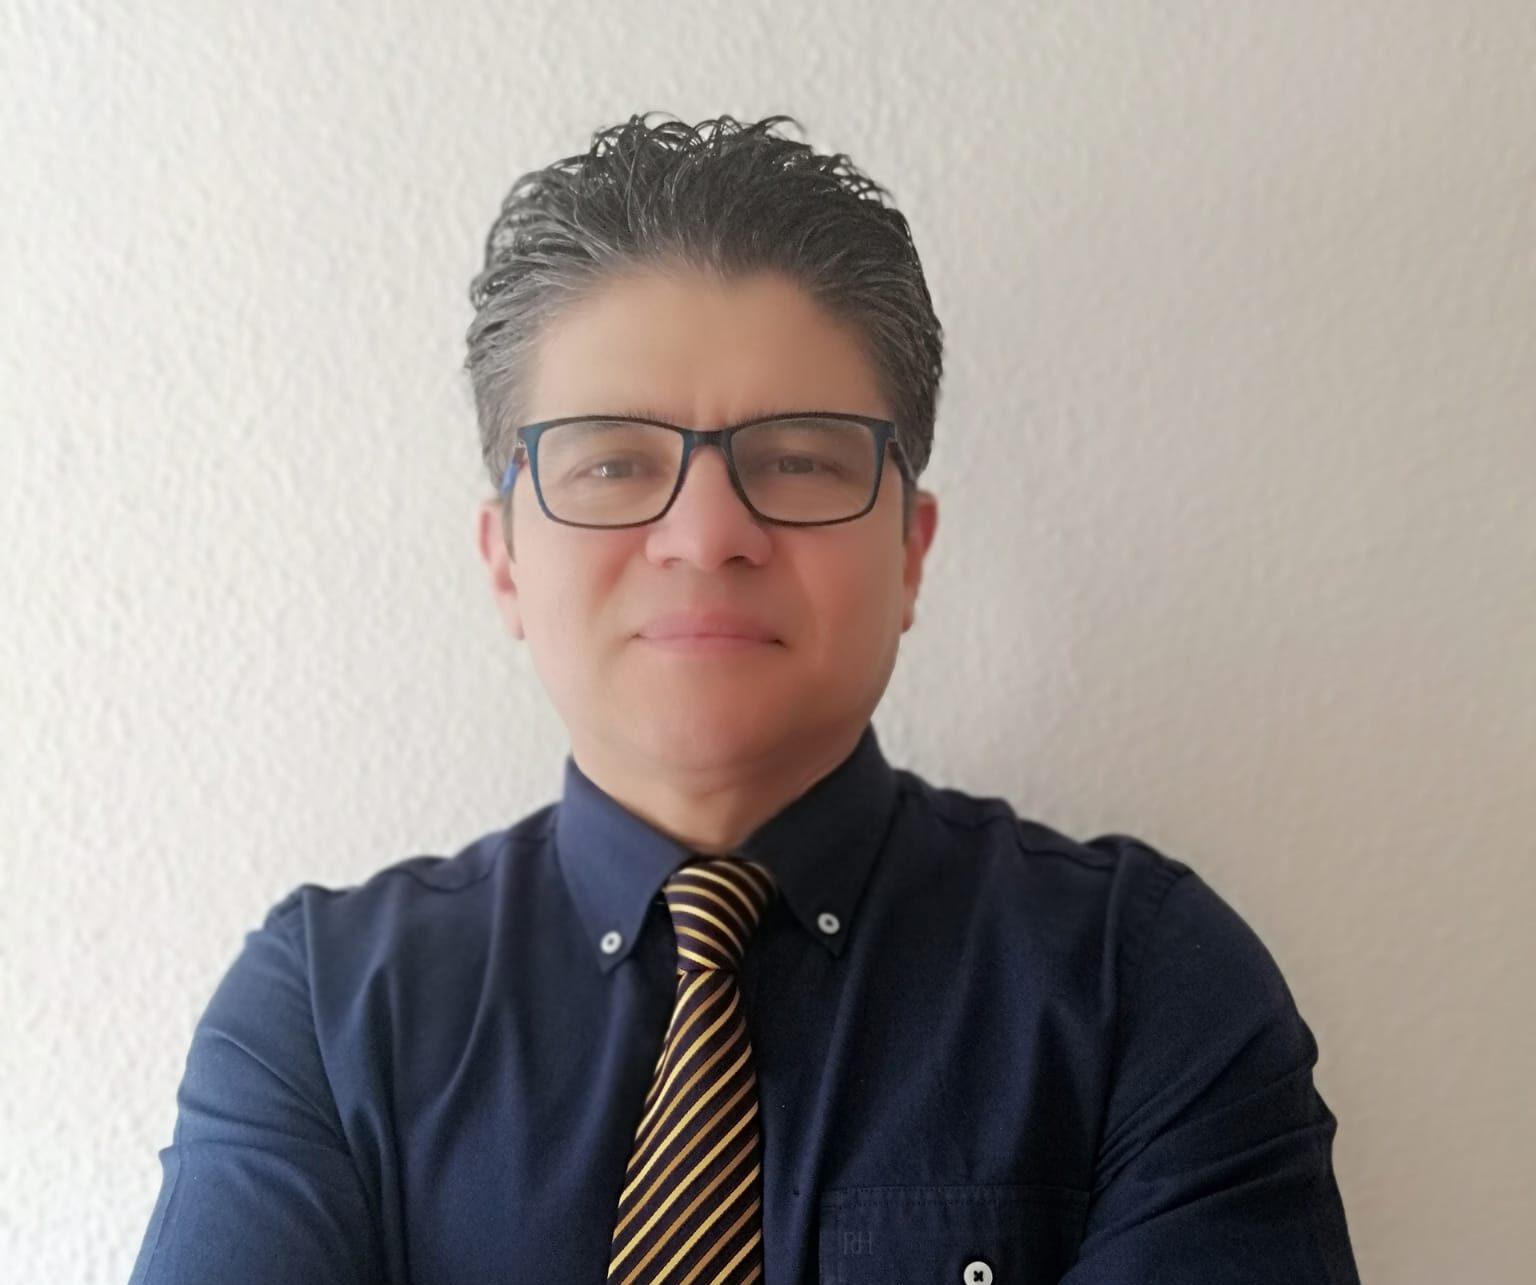 Orlando Duque